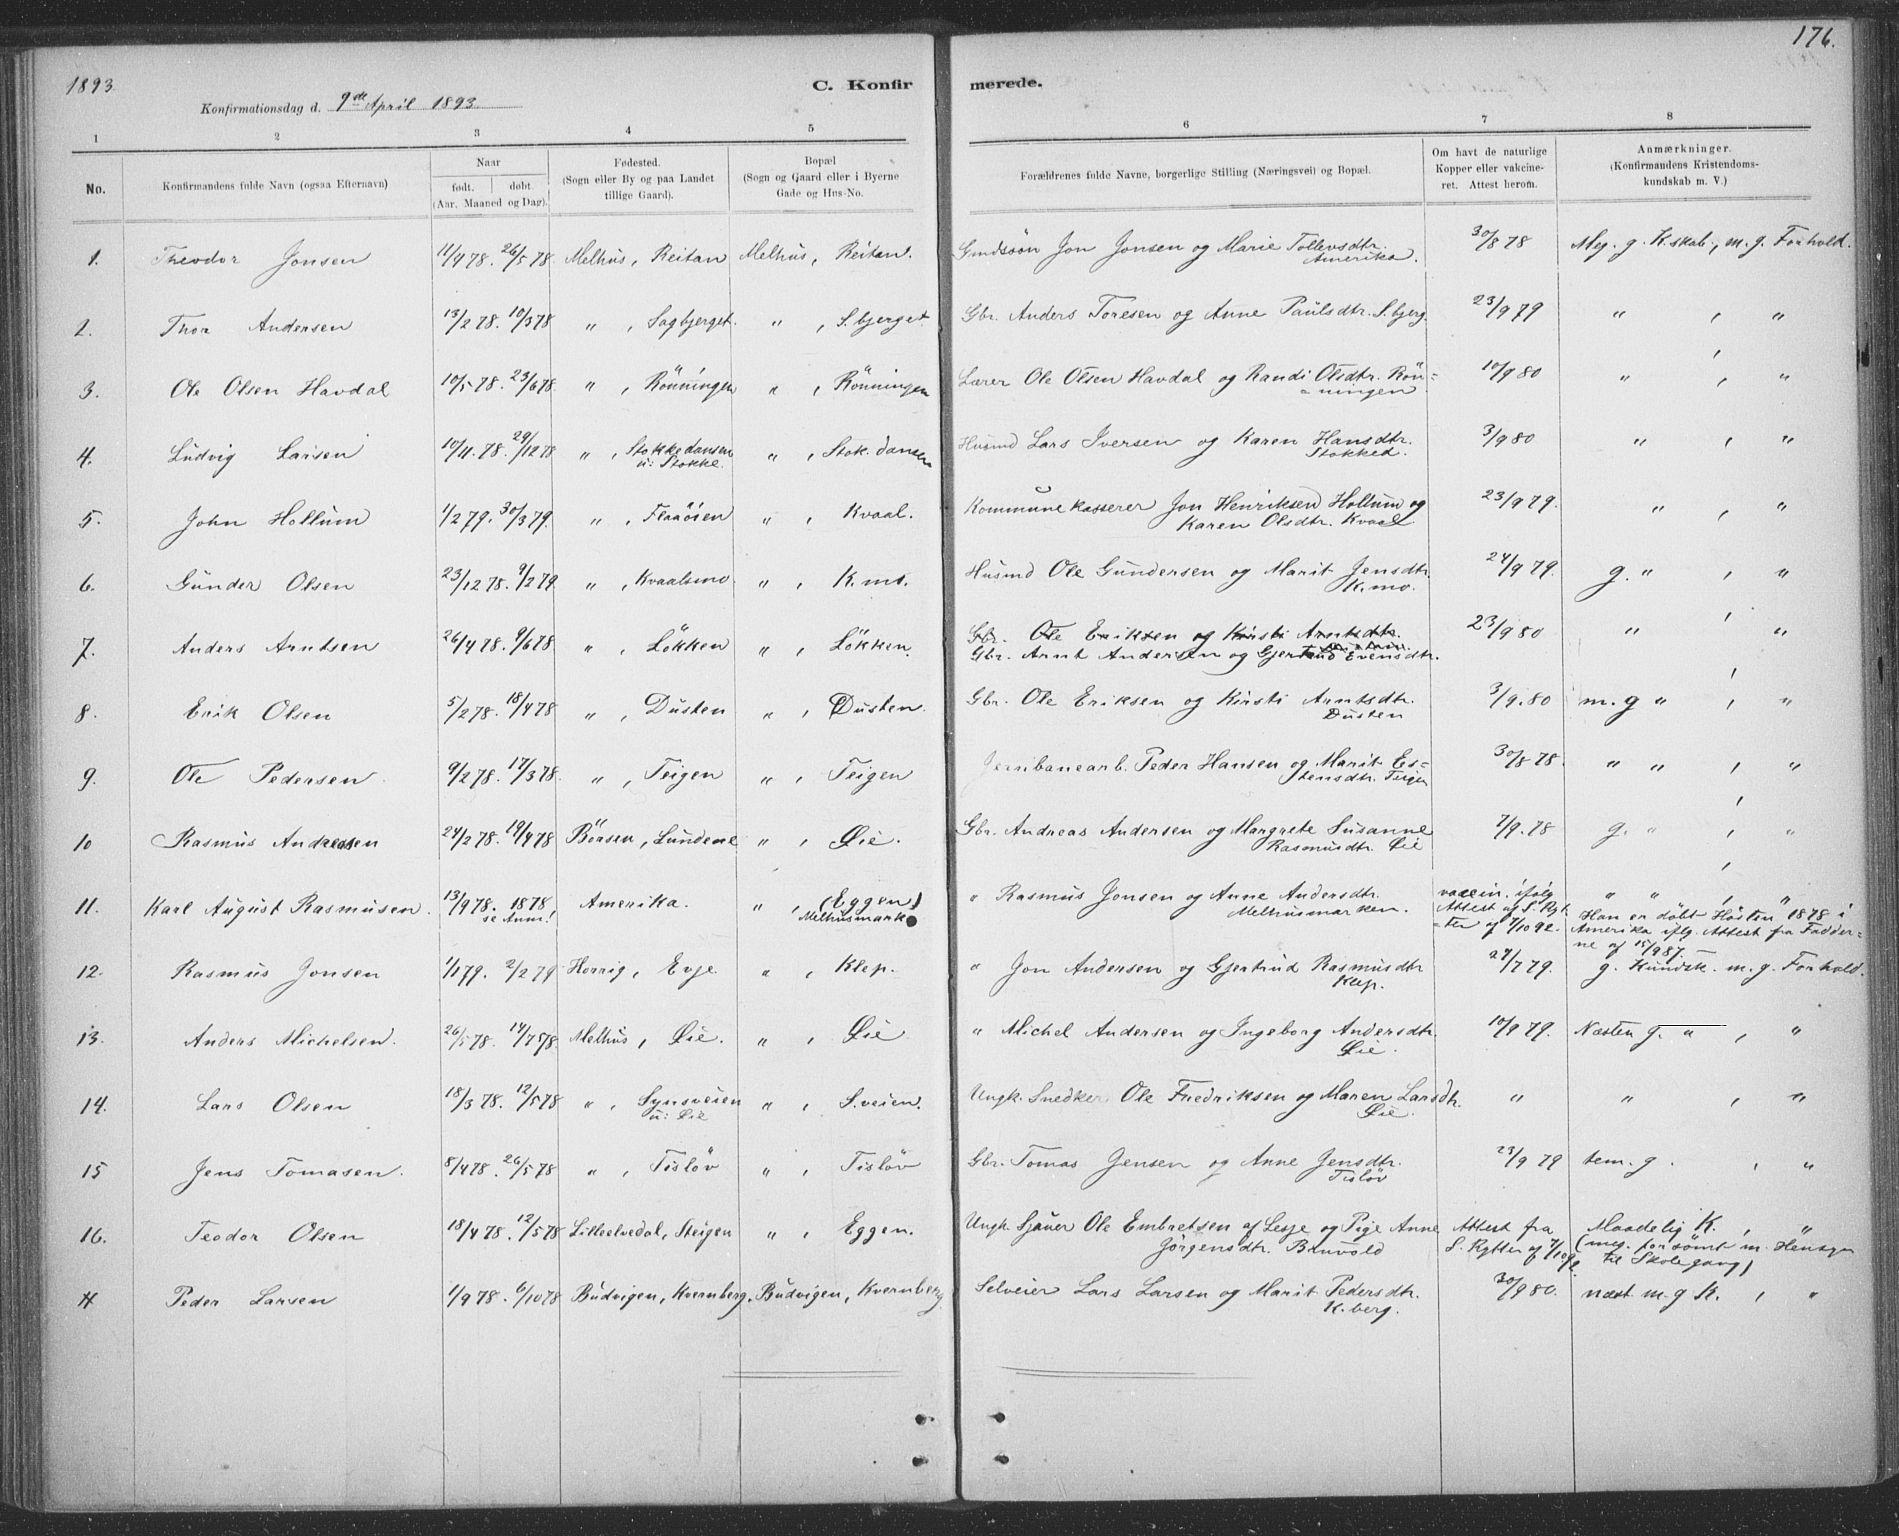 SAT, Ministerialprotokoller, klokkerbøker og fødselsregistre - Sør-Trøndelag, 691/L1085: Ministerialbok nr. 691A17, 1887-1908, s. 176